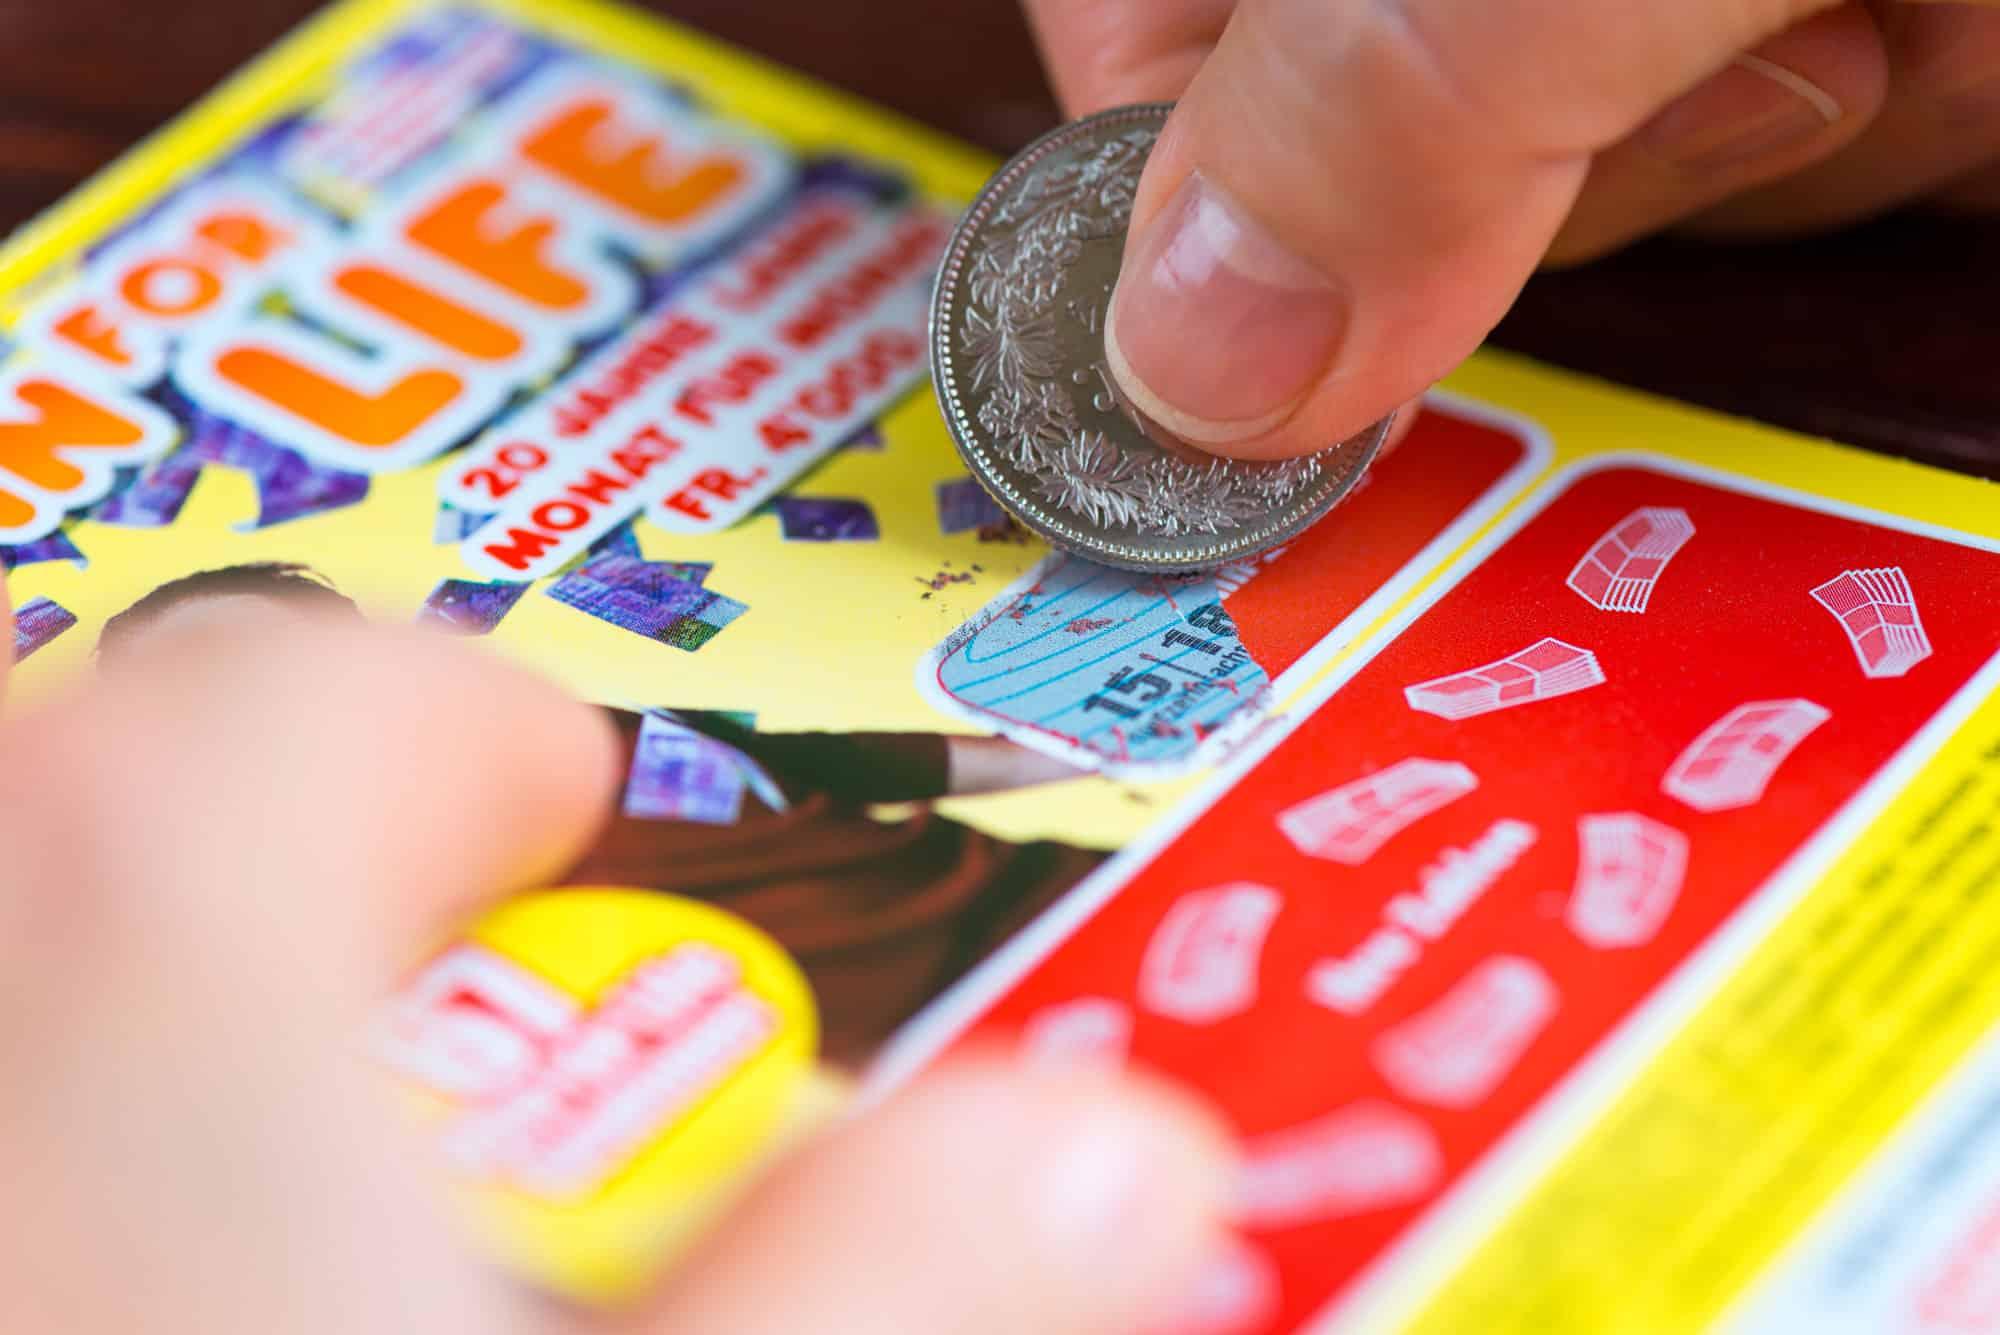 Compra un biglietto della lotteria e vince un milione di dollari, dopo quattro anni ne compra un altro e vince ancora un milione di dollari